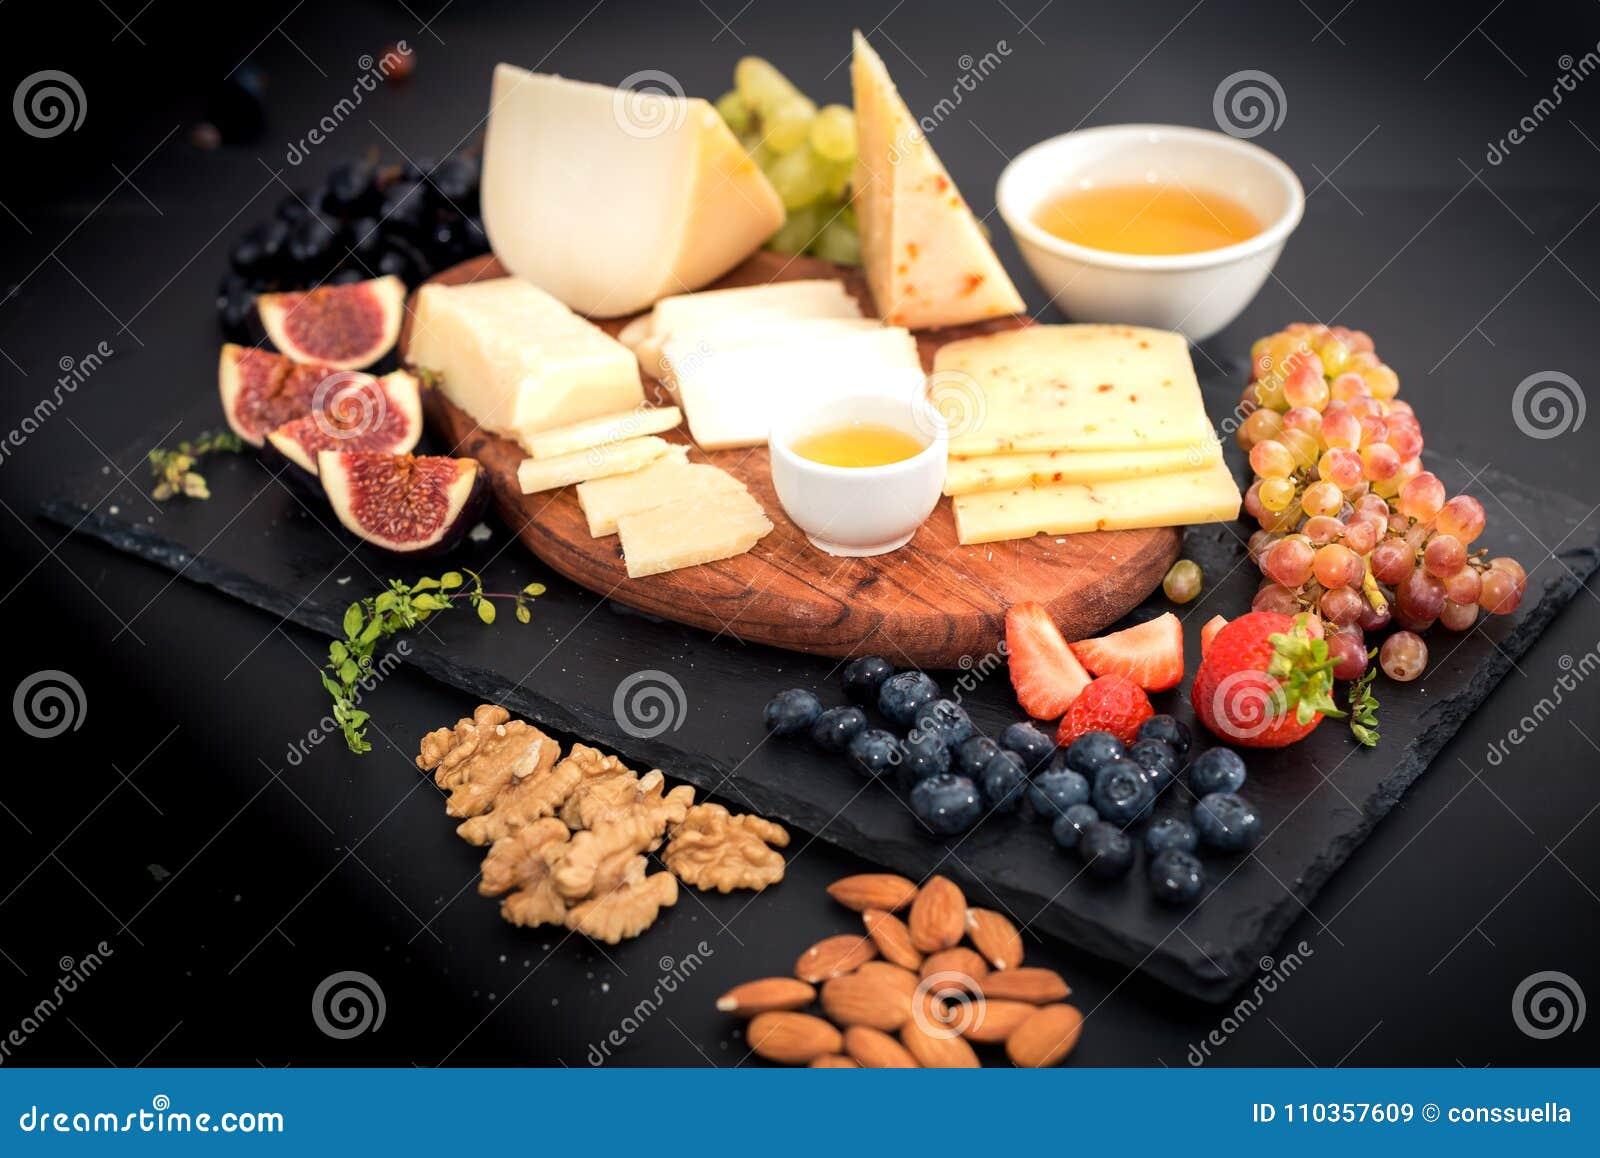 Différents genres de fromages, de miel, de figues, d écrous, de raisins, et de fruit sur une table Foyer sélectif Copiez l espace